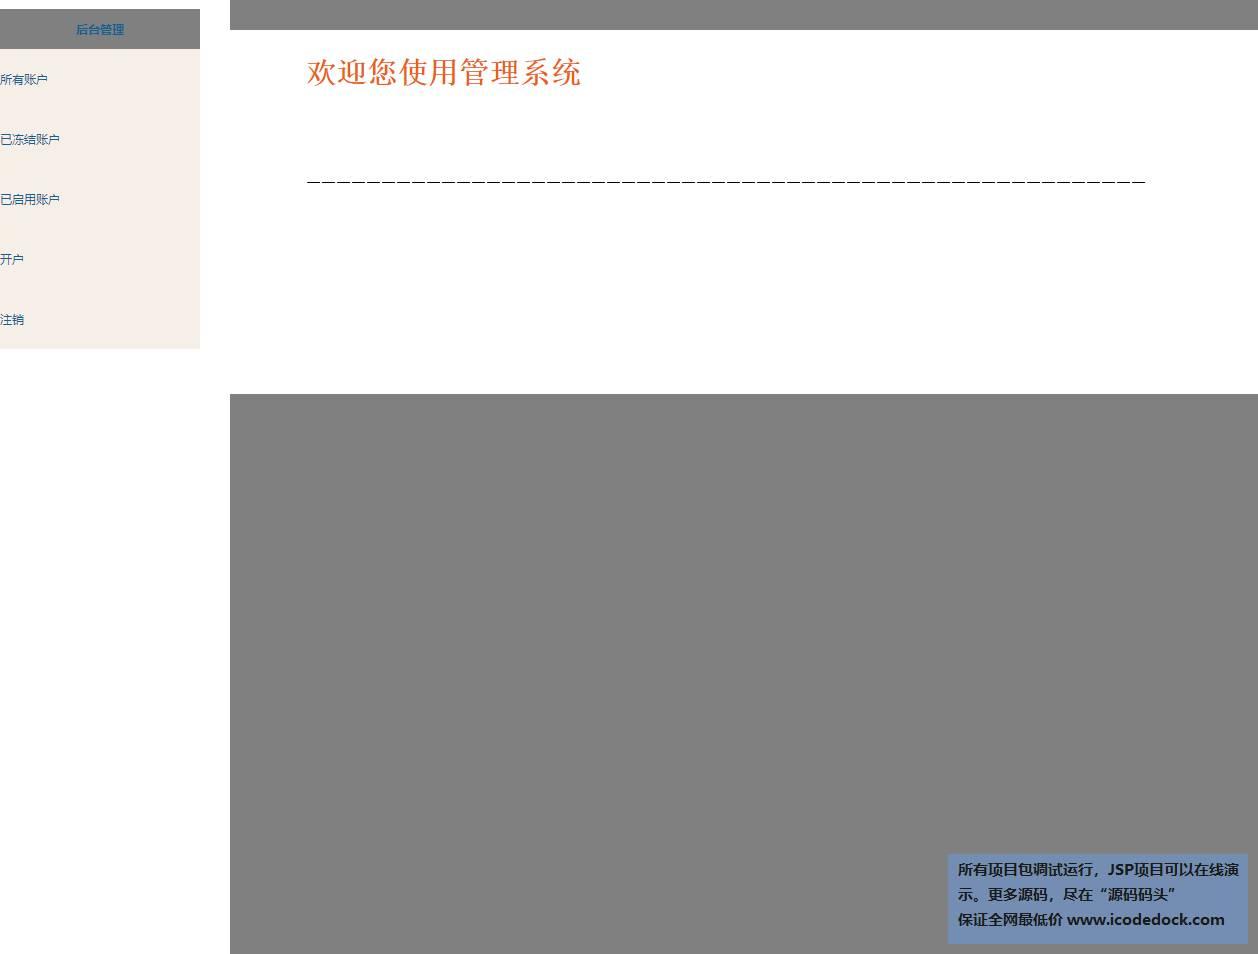 源码码头-SSH网上银行管理系统-管理员角色-首页